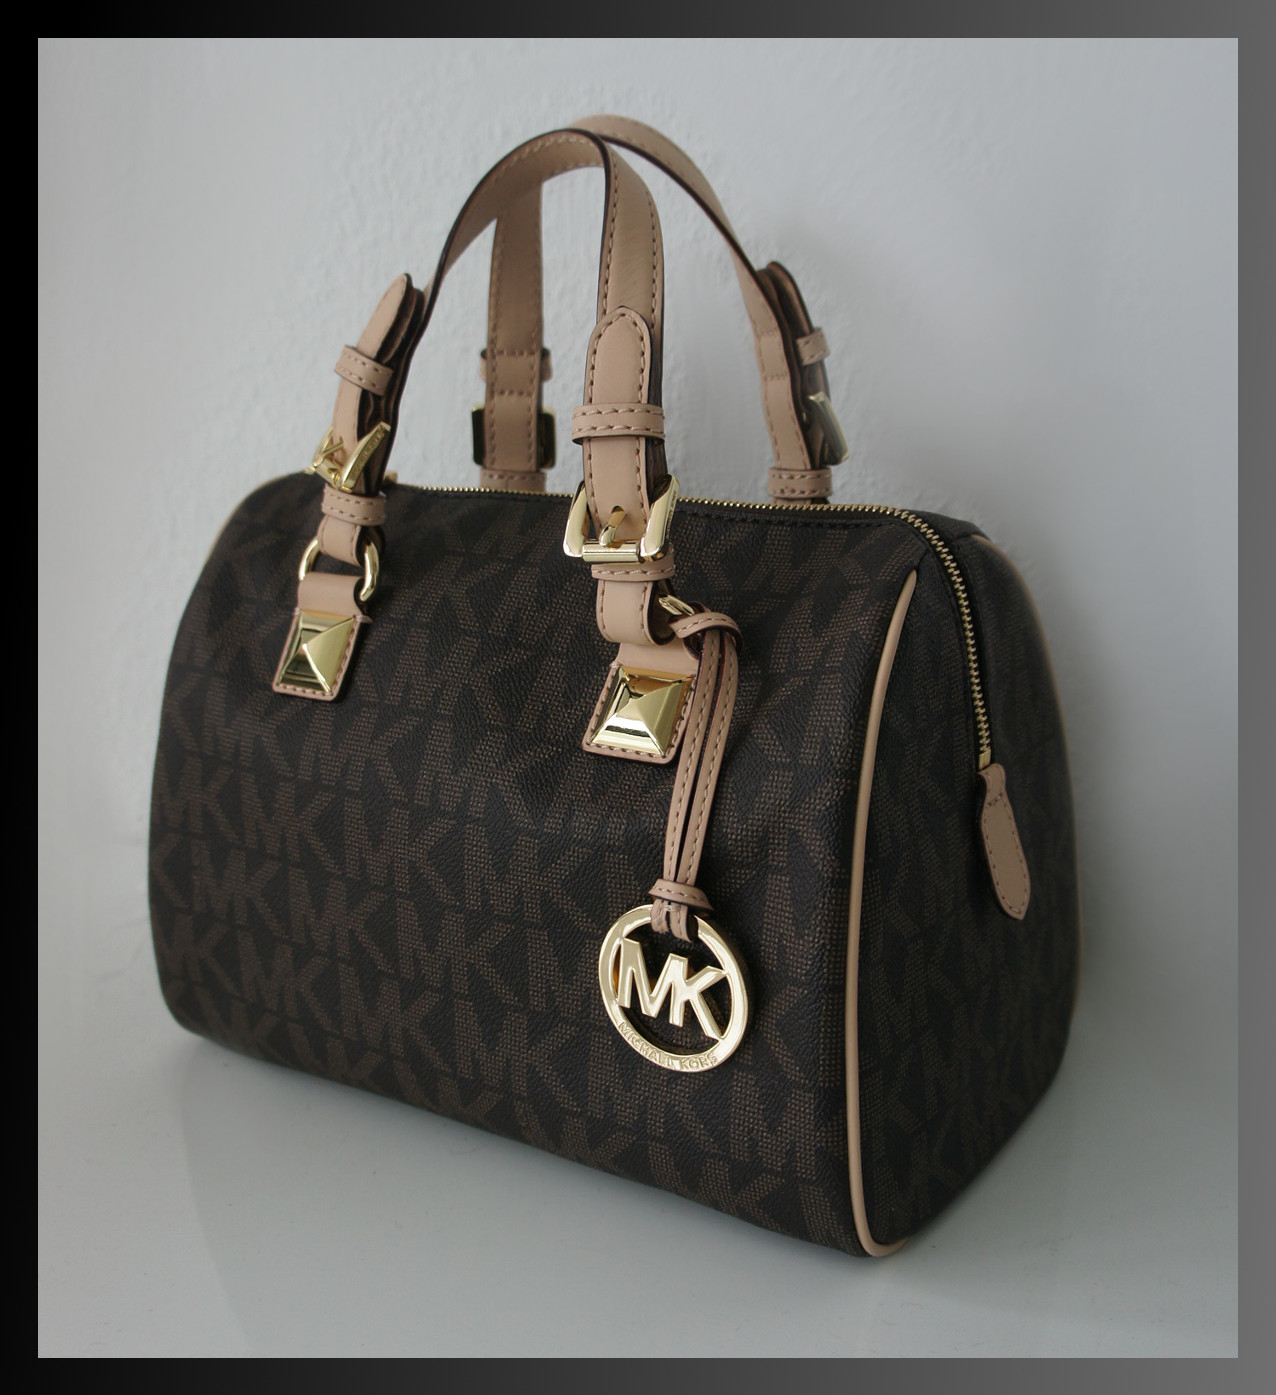 michael kors tasche signature handtasche zip top braun. Black Bedroom Furniture Sets. Home Design Ideas